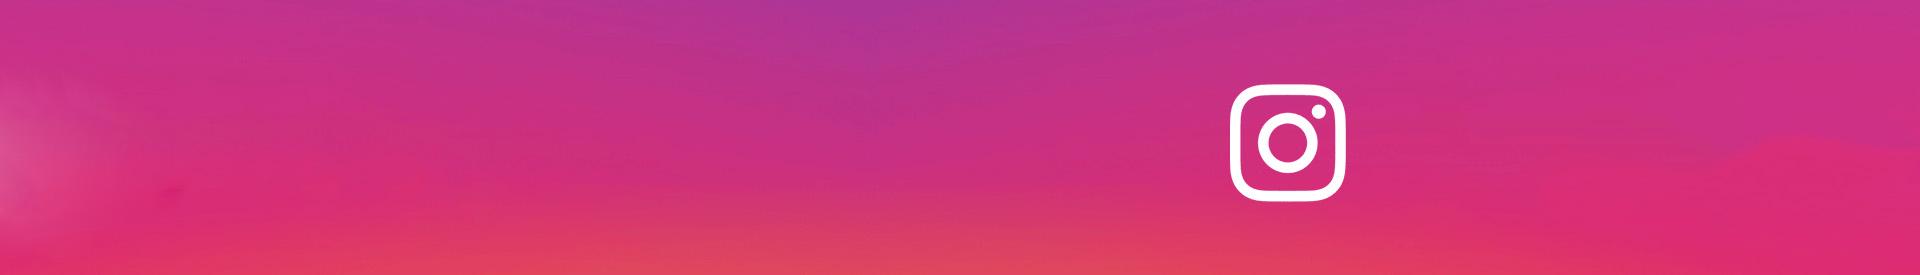 2-instagram-skolko-stoit-reklama-banner-112